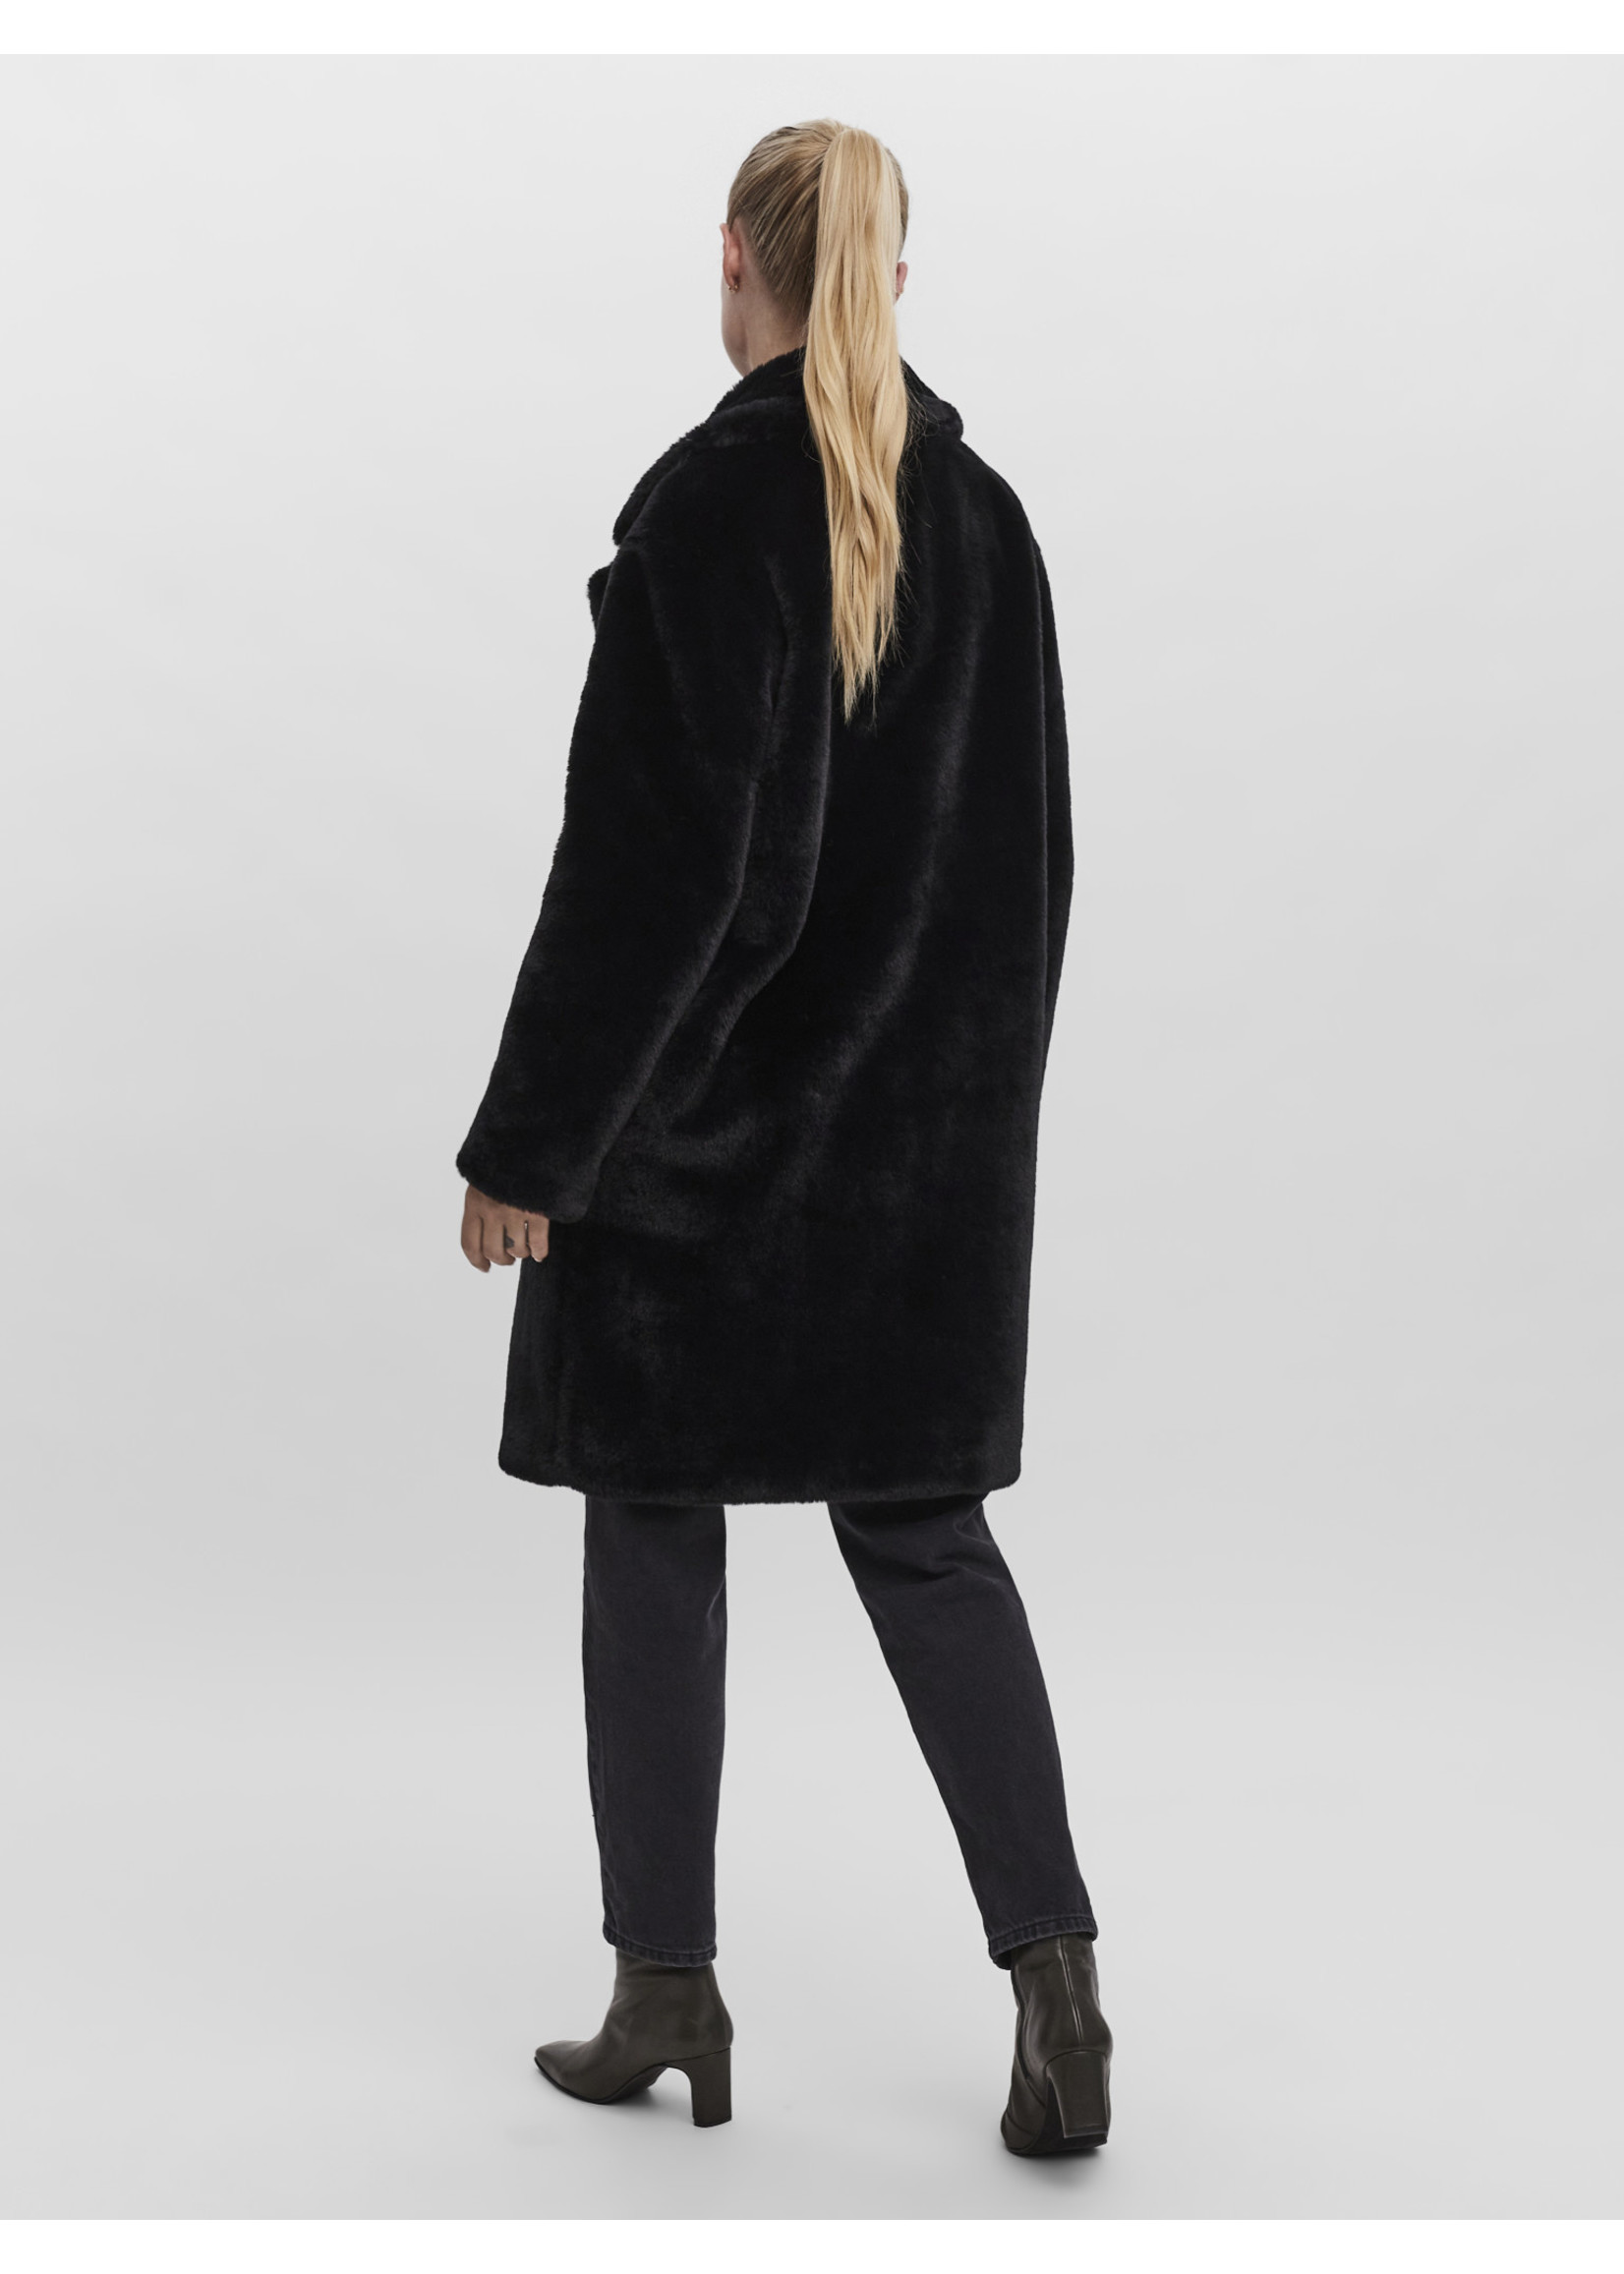 VERO MODA SUILYON FAUX FUR COAT BOOS black